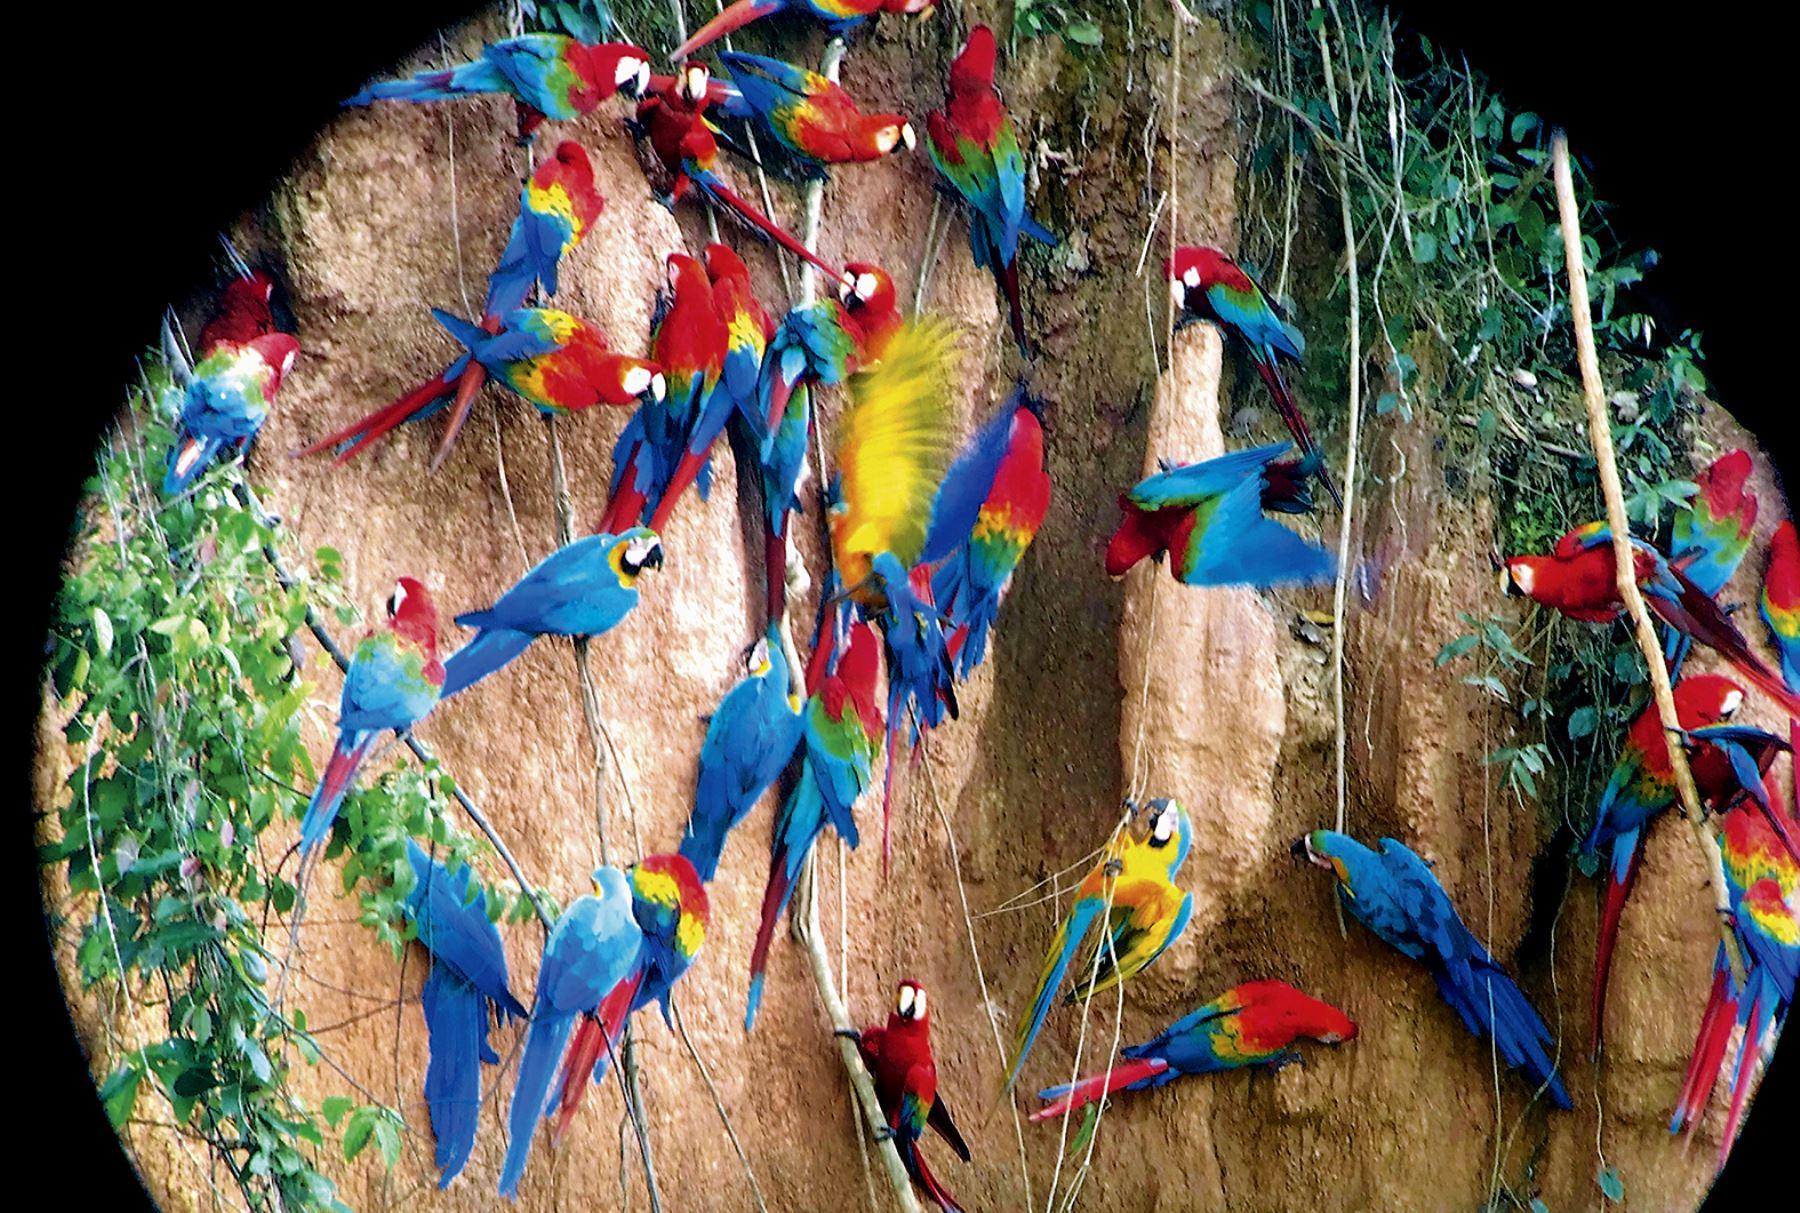 El Perú conmemora hoy el Día Mundial de la Vida Silvestre con diversas actividades.